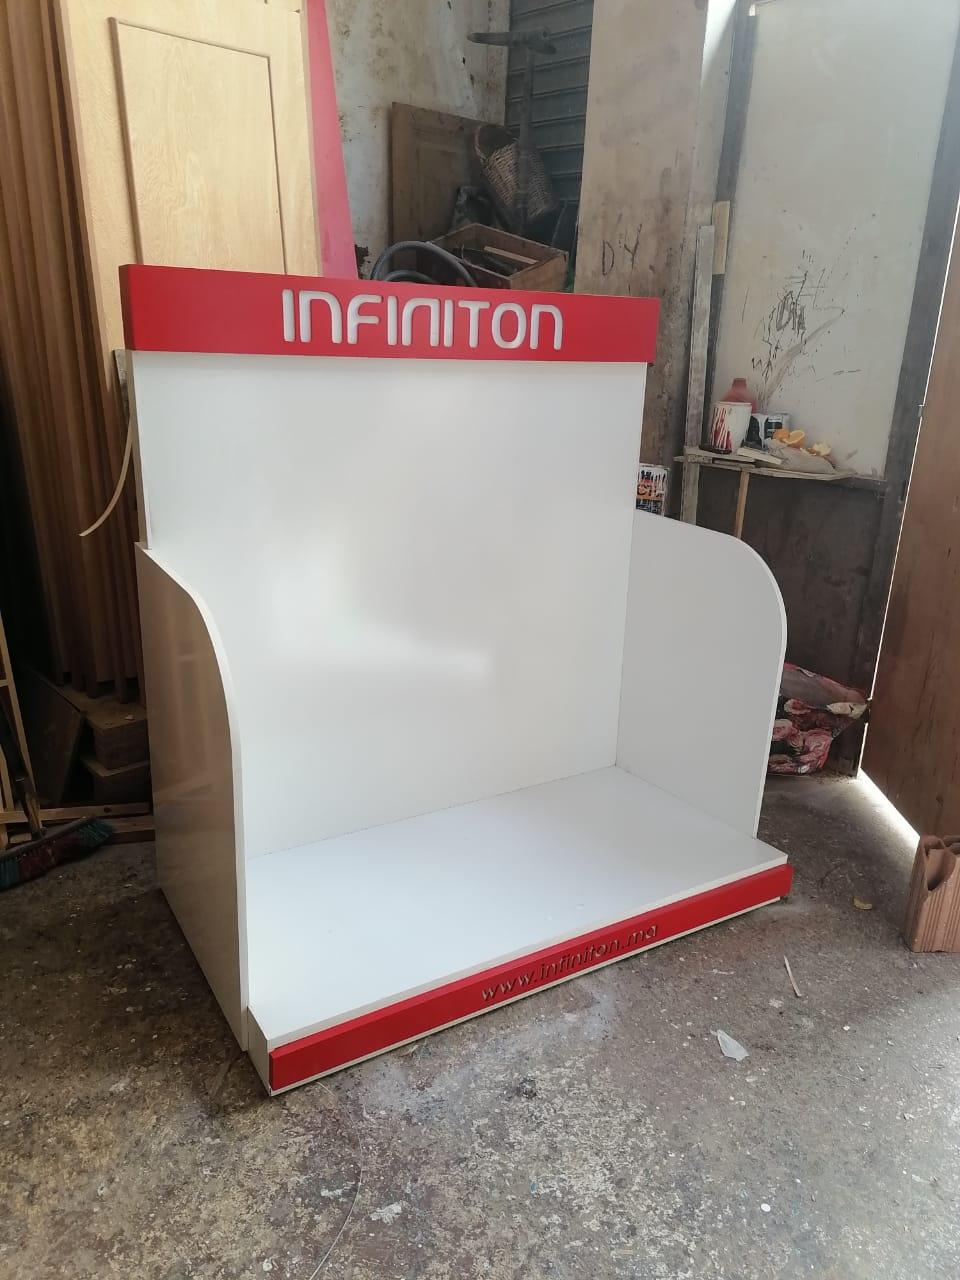 fabrication-de-Présentoir-électroménager-stand-déxposition-machine-à-laver-présentoir-lave-linge-PLV-presentoir-magasin-décoration-showroom-design-casablanca-maroc